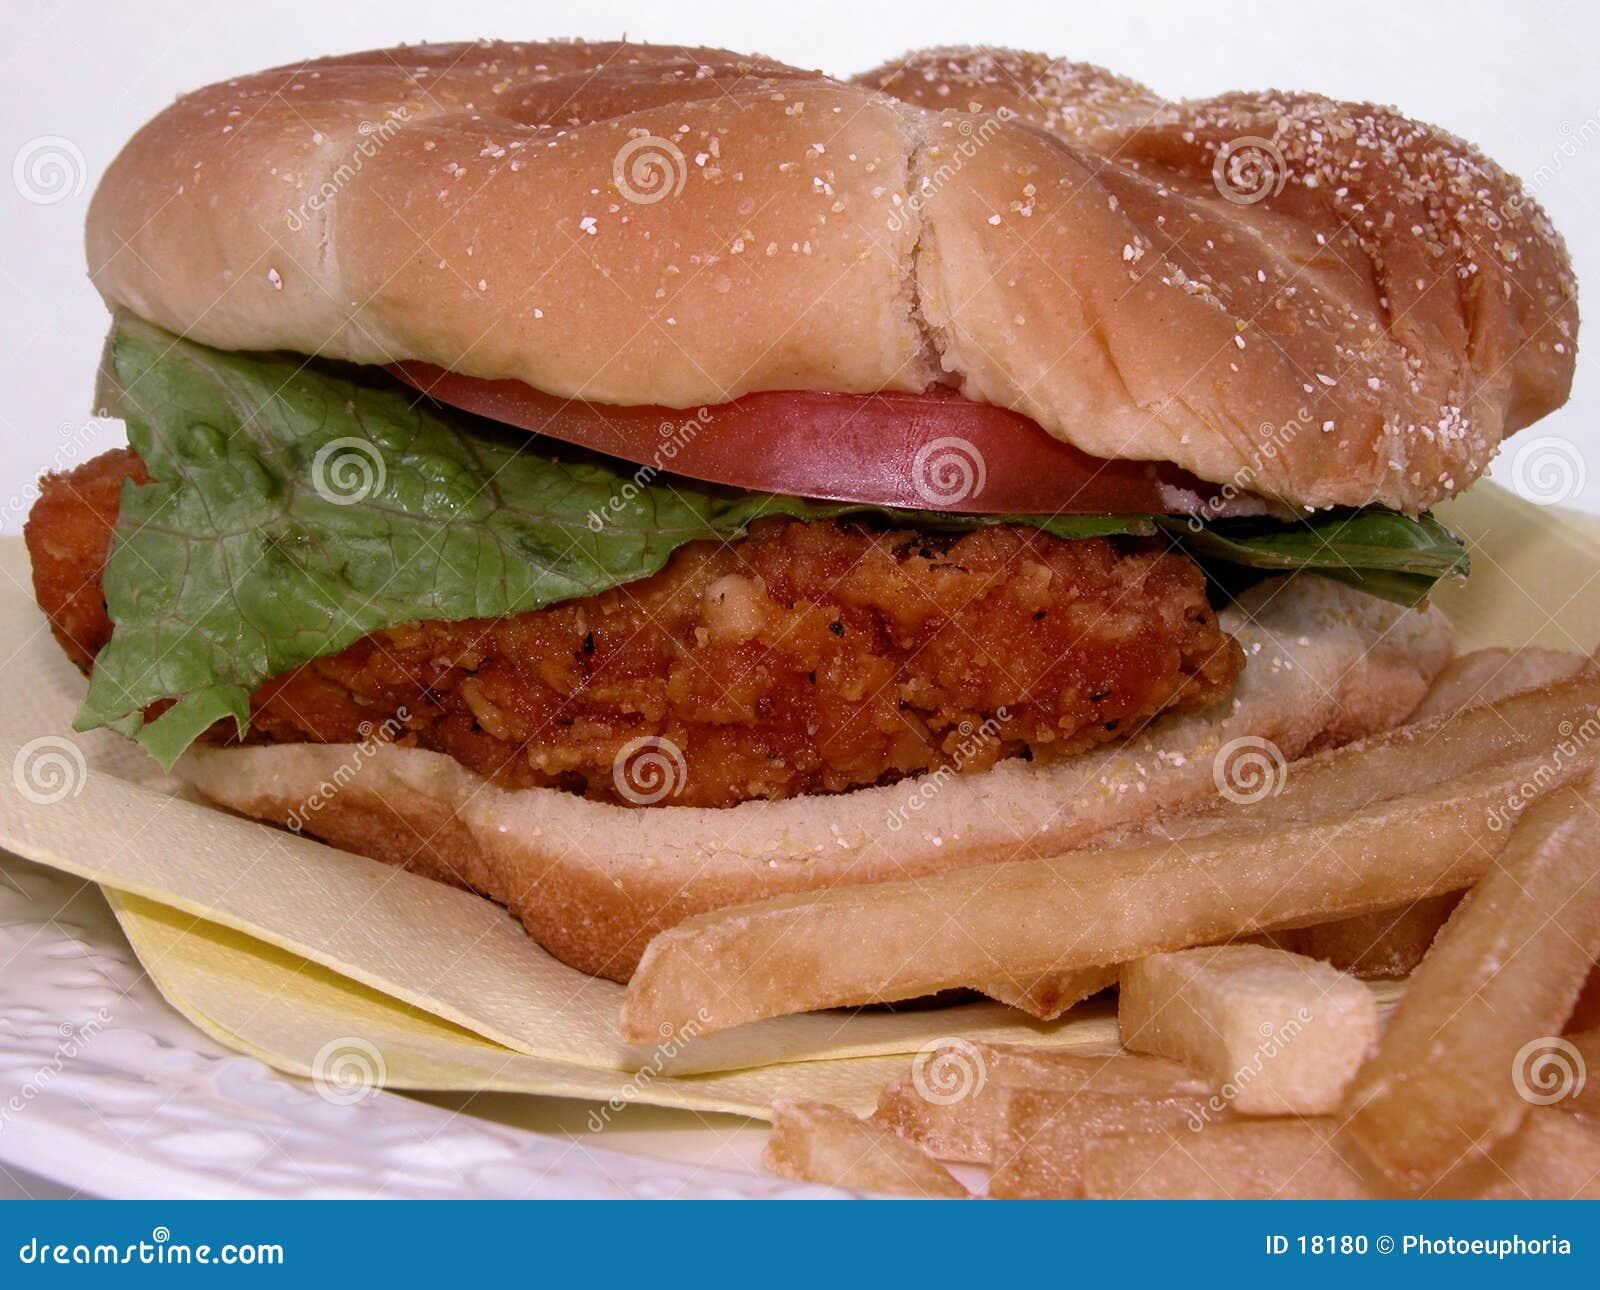 Nourriture : Sandwich et fritures à poulet frit